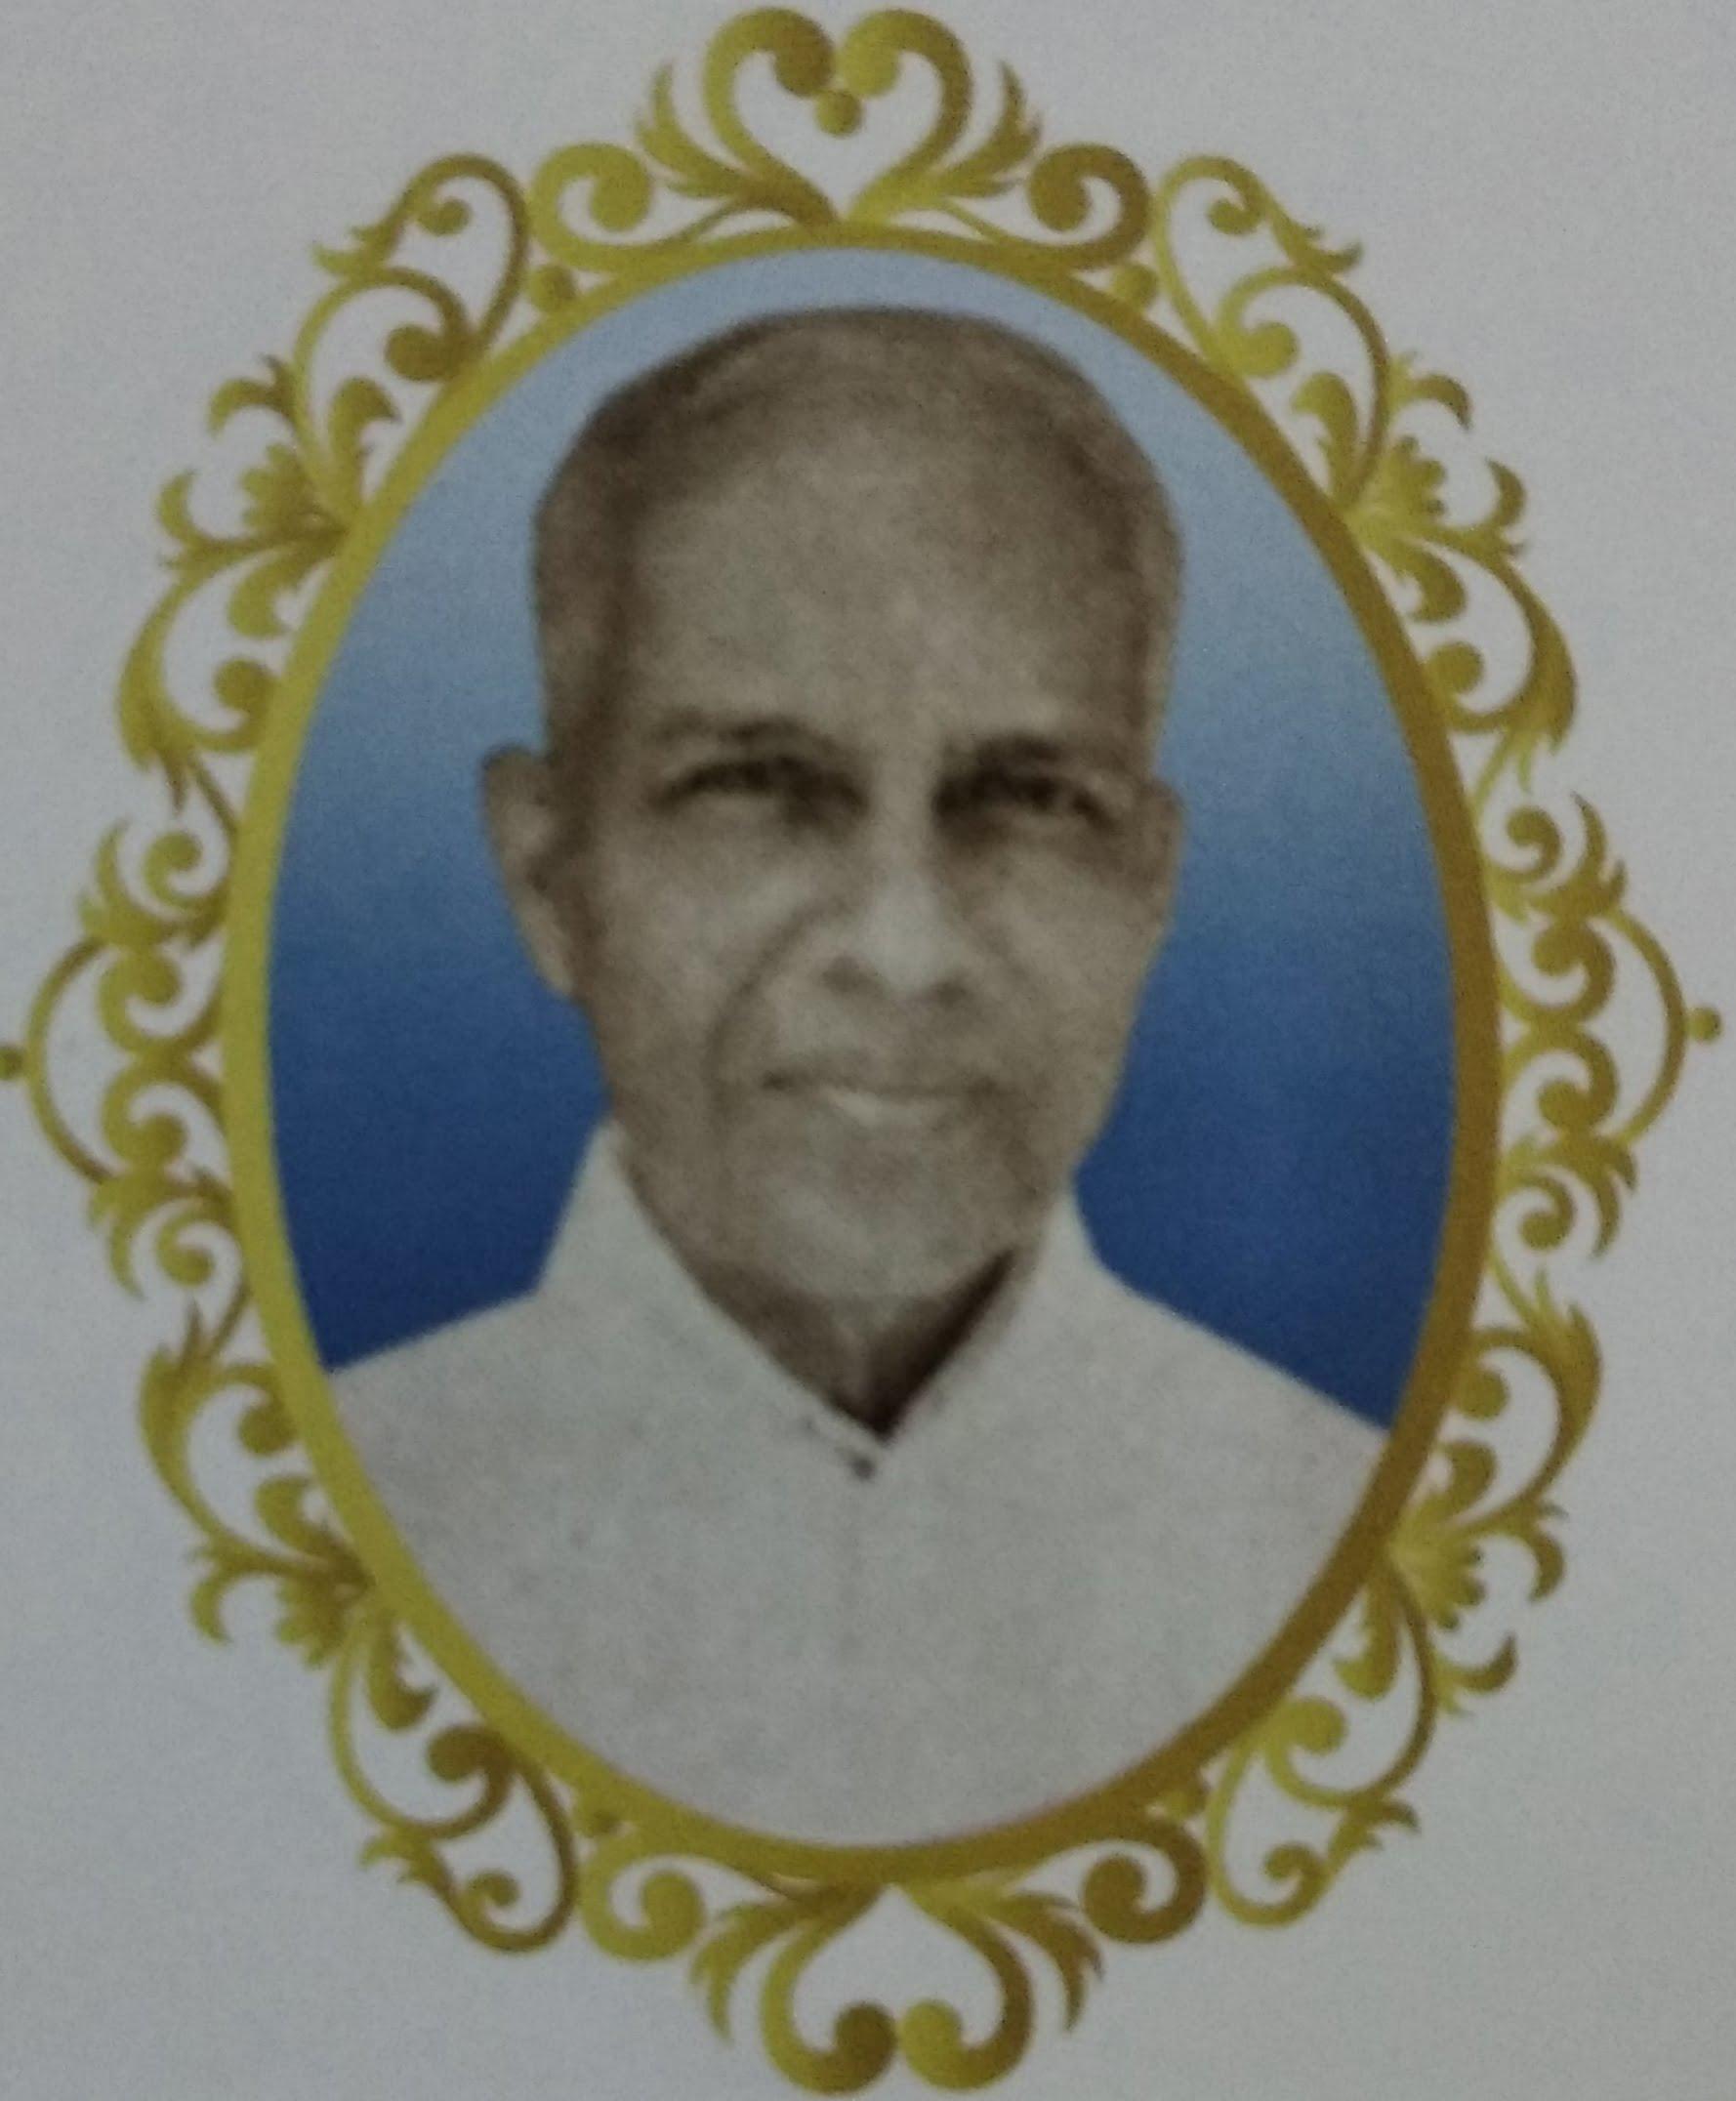 Fr. Mathew Kooliyath